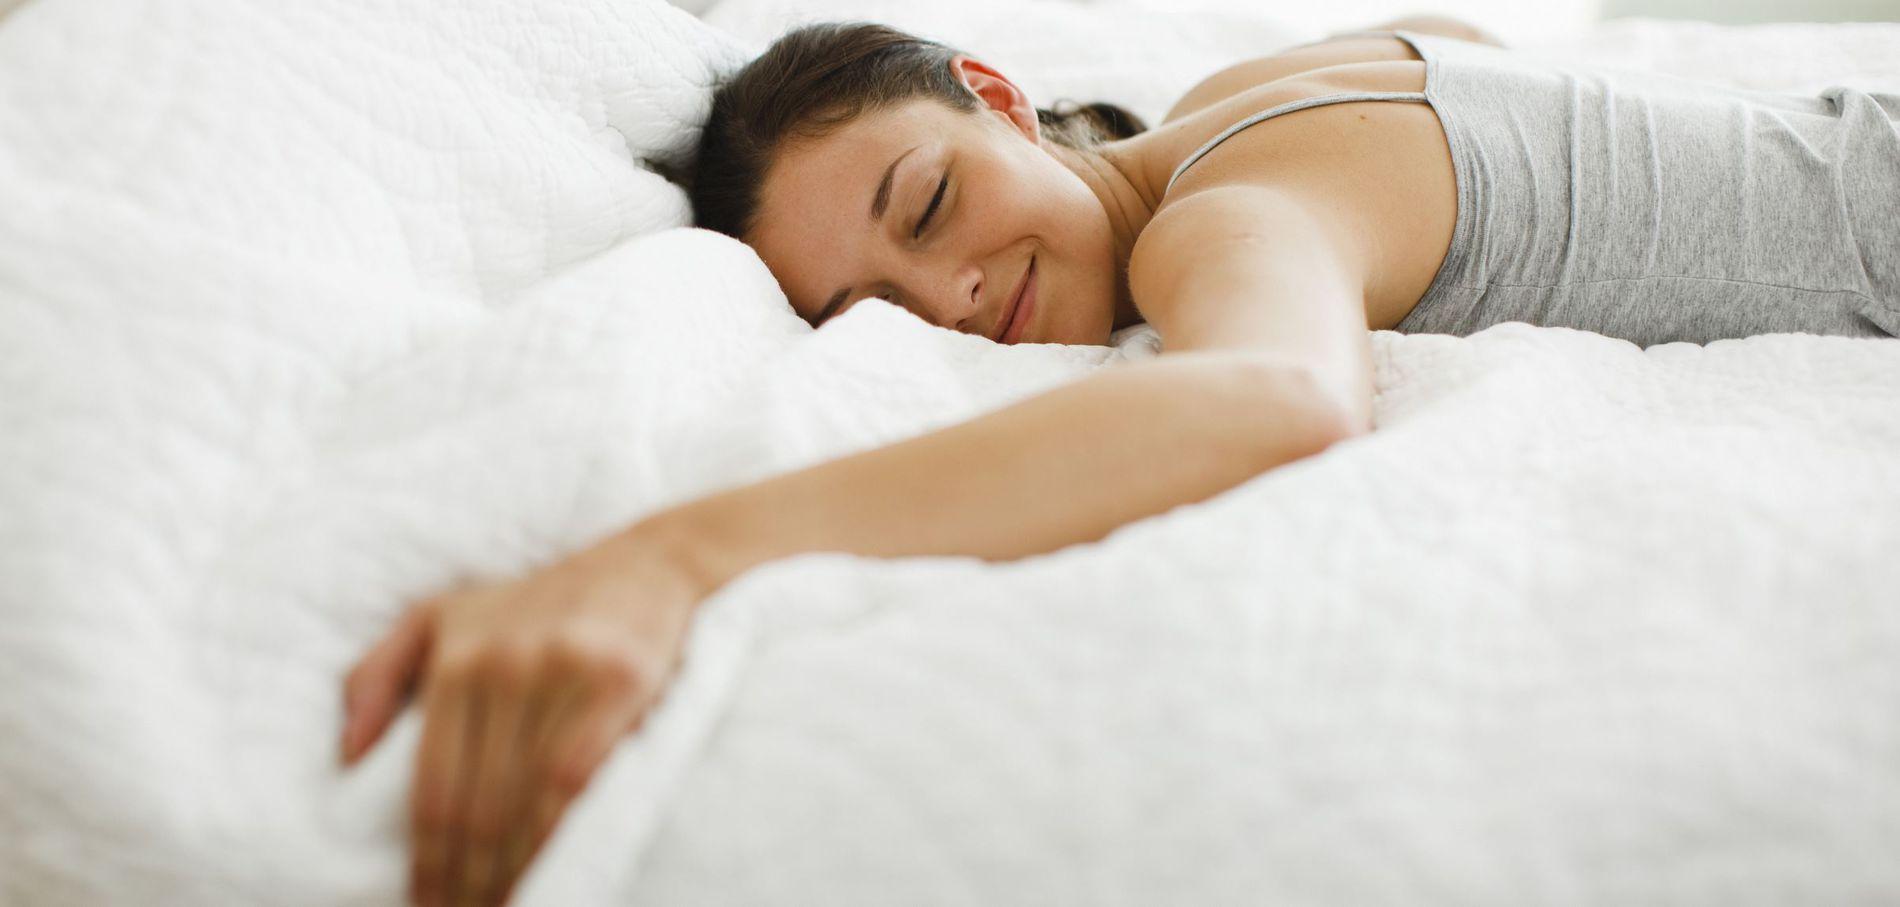 Sommeil : comment faire pour bien dormir la nuit ?